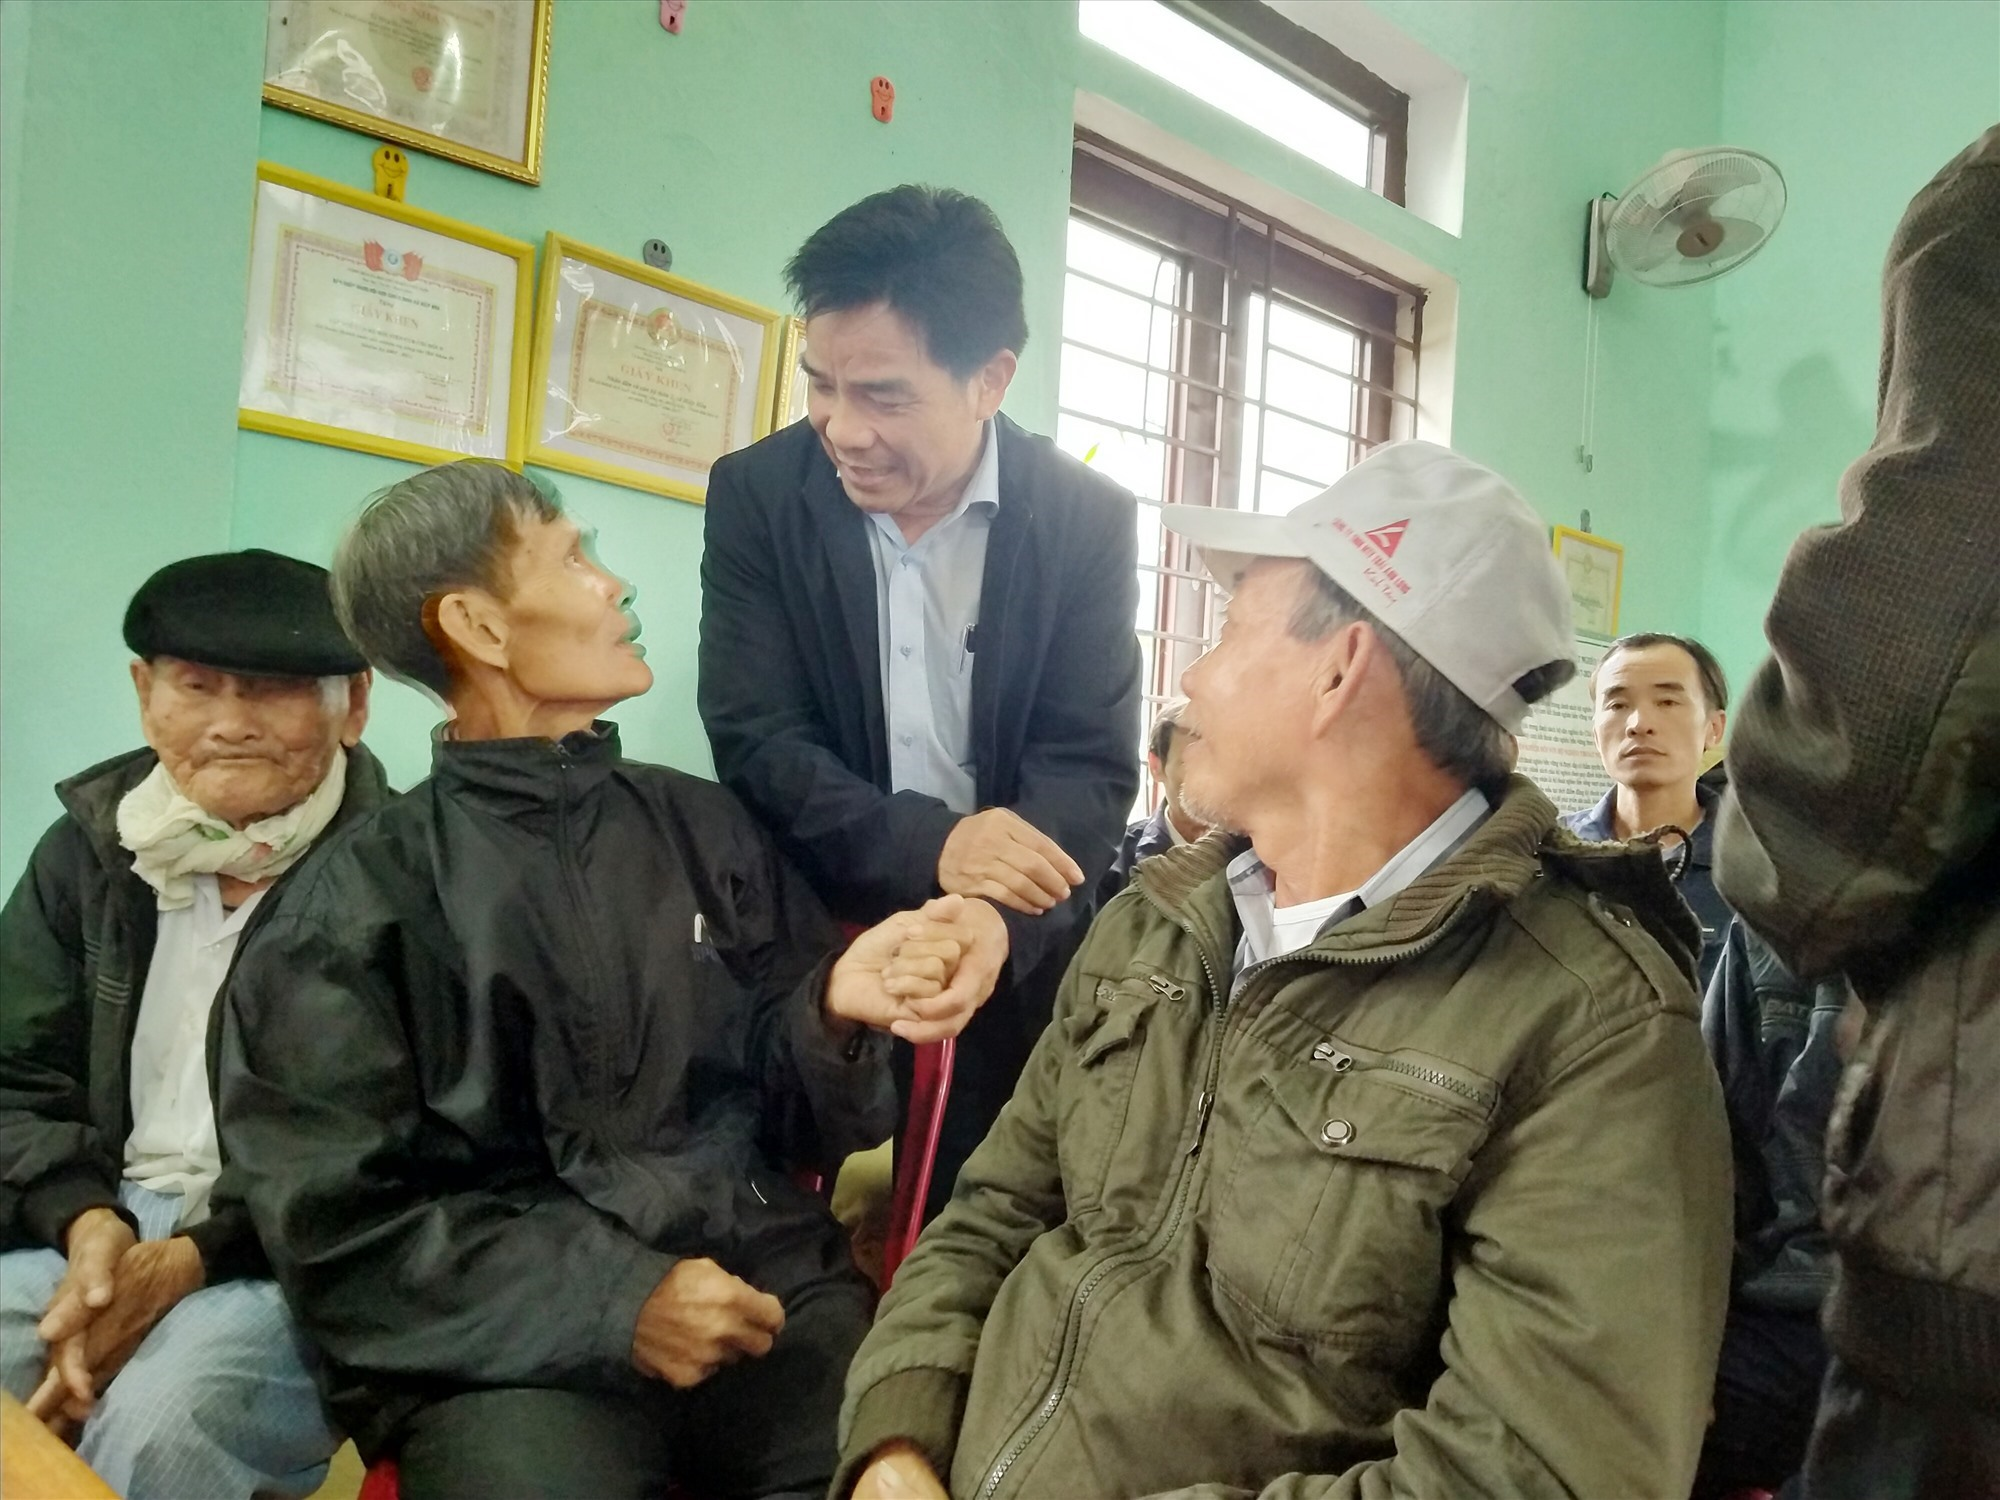 Phó Bí thư Thường trực Tỉnh ủy Lê Văn Dũng thăm hỏi người dân khu dân cư Trà Linh Tây. Ảnh: N.Đ